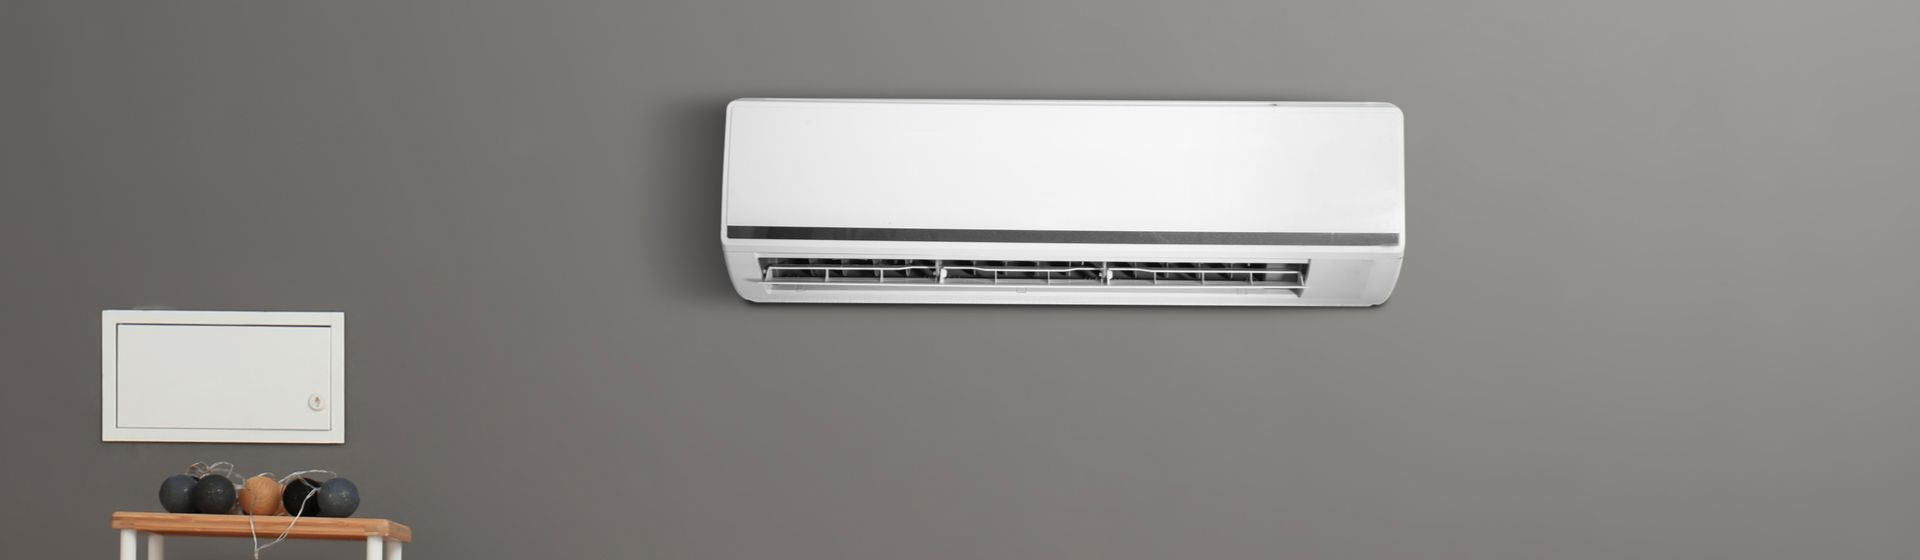 Qual o ar-condicionado mais econômico? Veja os aparelhos que gastam menos energia